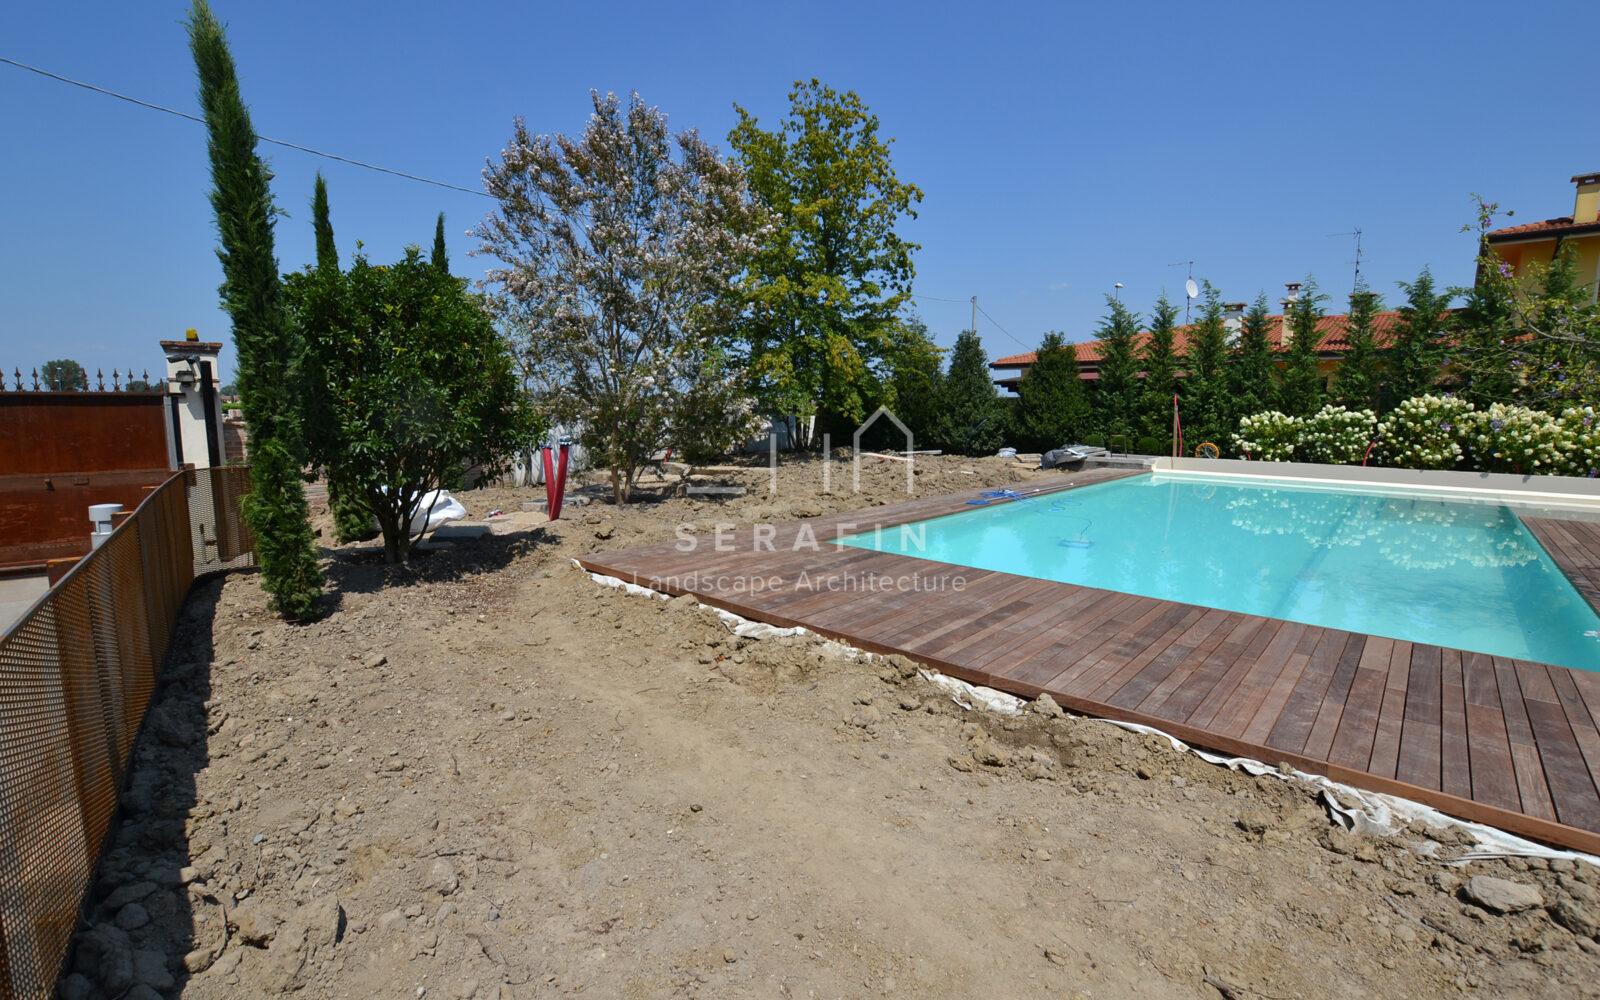 Giardino Per Villa Con Piscina A Verona Progettazione Giardini Serafin